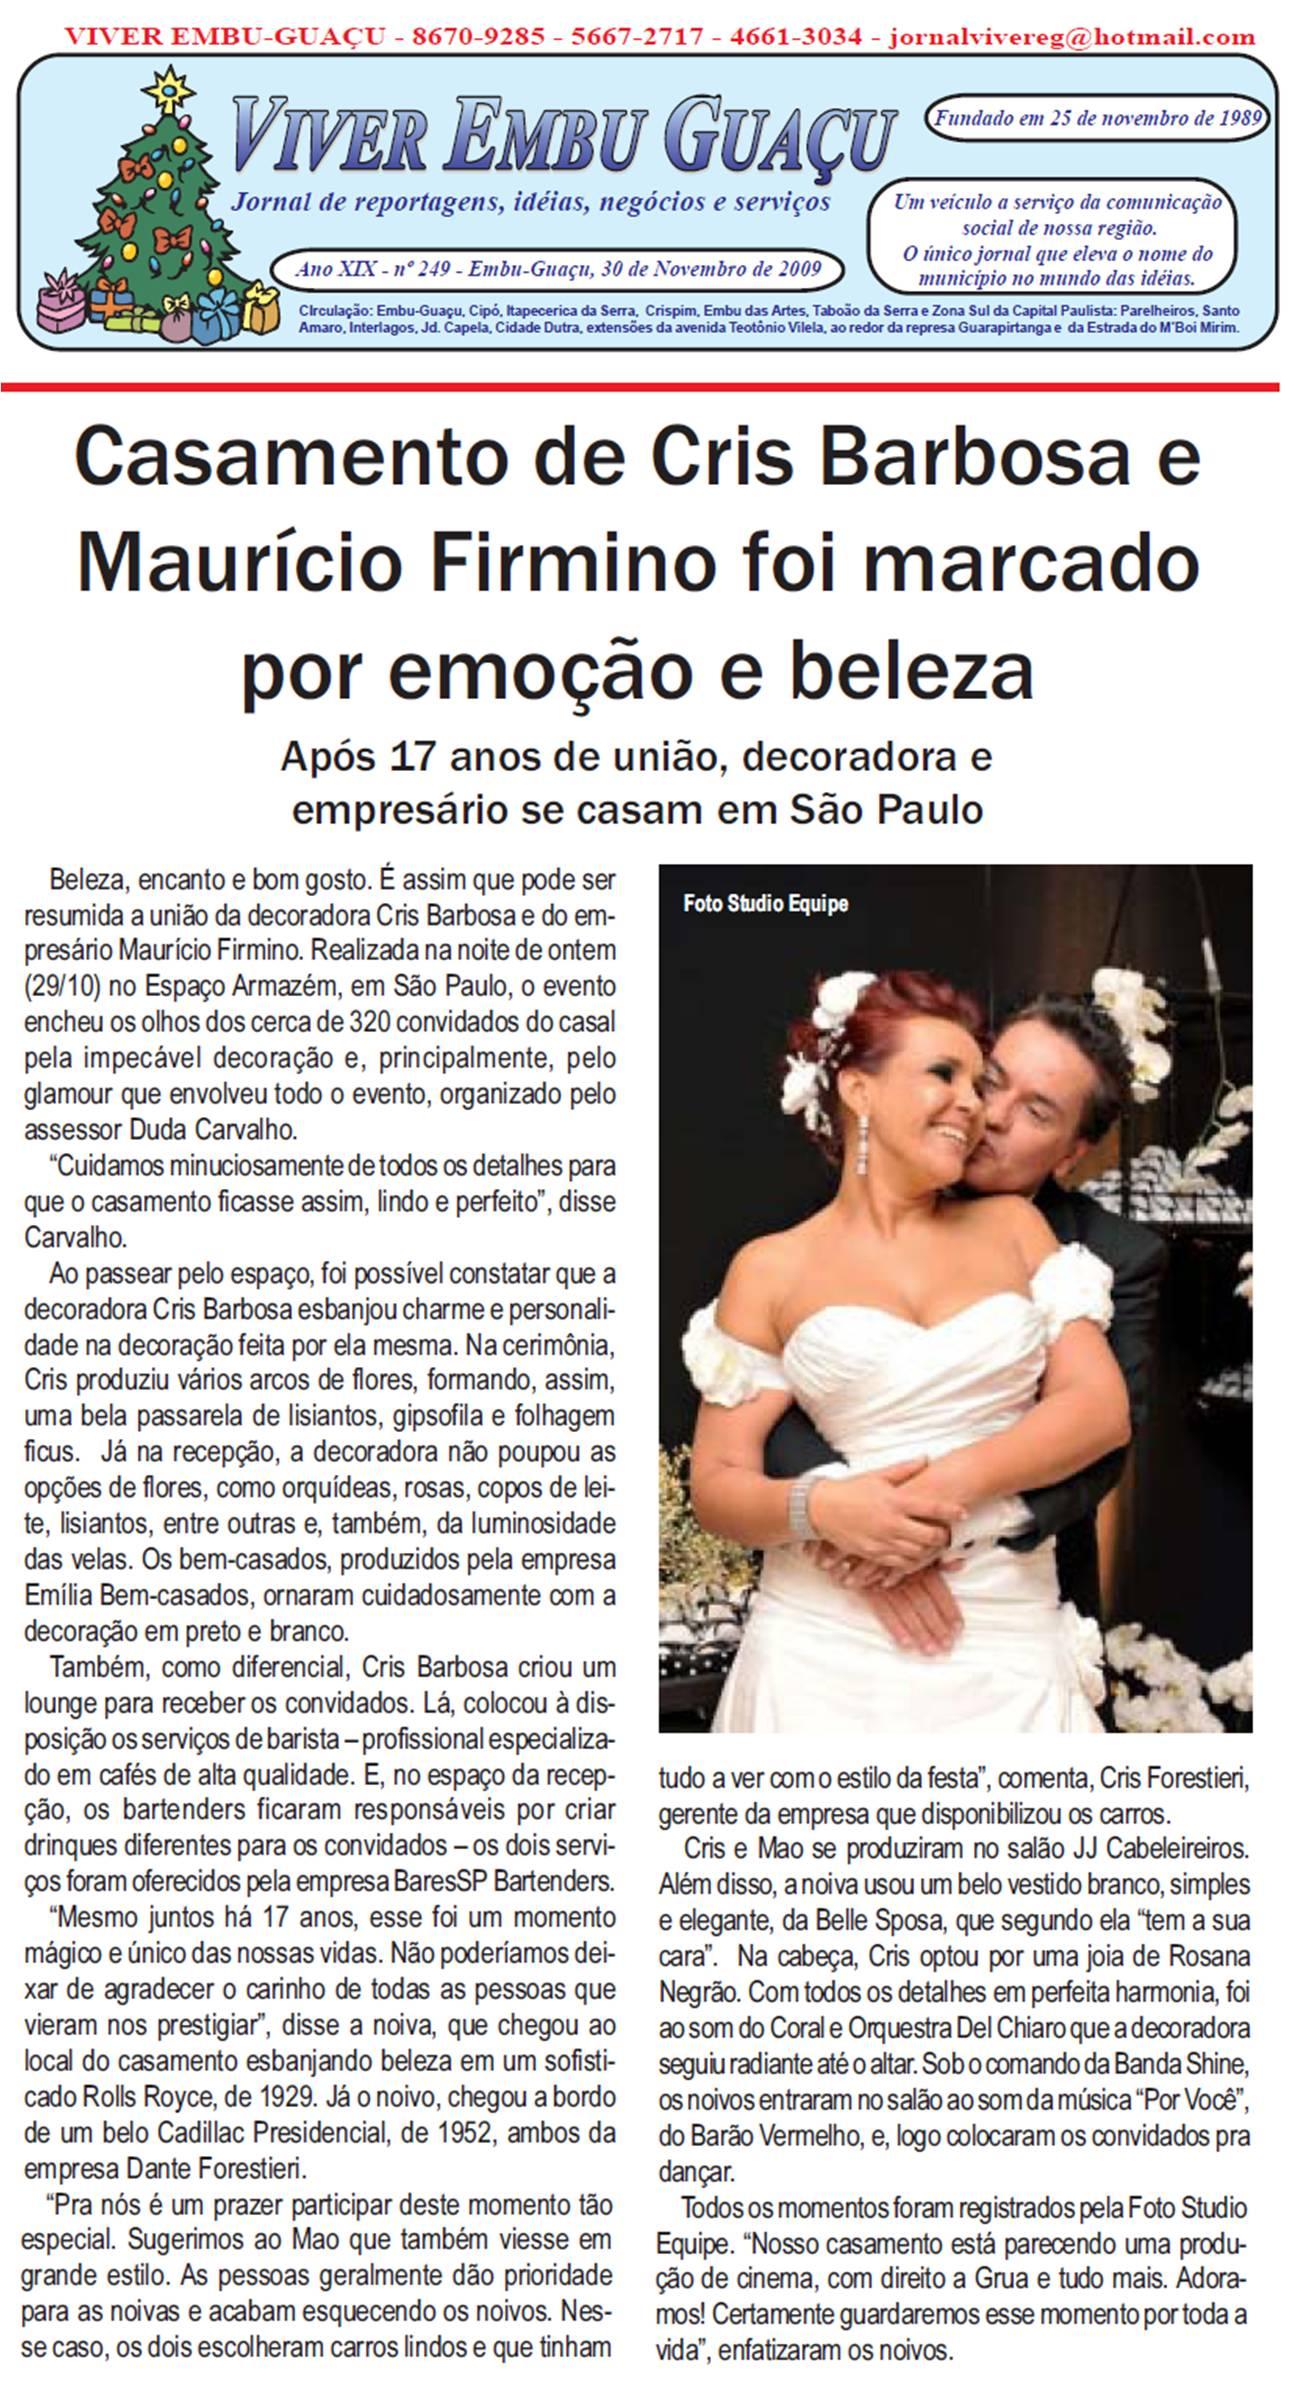 Baristas e bartenders do BaresSP no casamento da decoradora Cris Barbosa BaresSP image